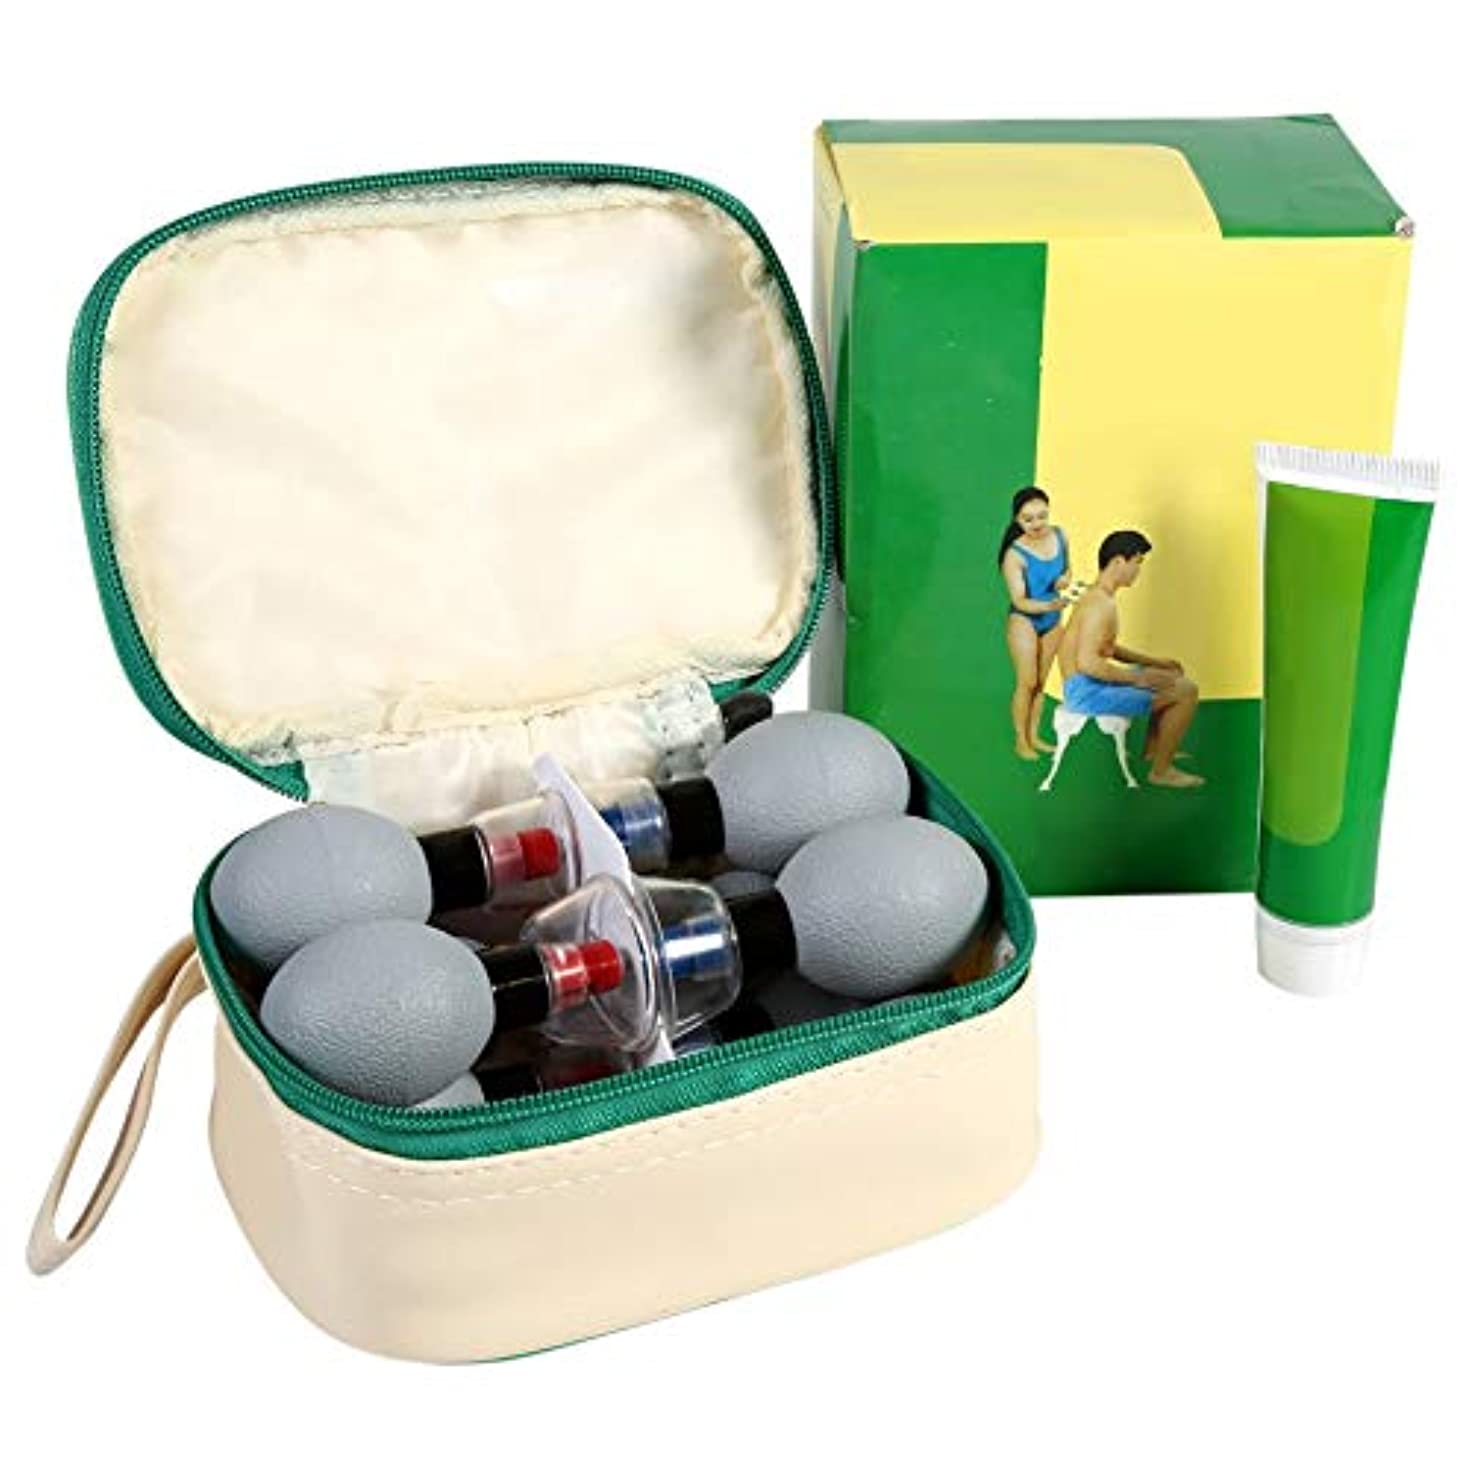 大腿鎮静剤機会カッピング装置、18ピース/セット家庭用真空ヘルスケア製品磁気指圧吸引カッピング、真空カップは目を、首の皮膚をアンチセルライト(2#)